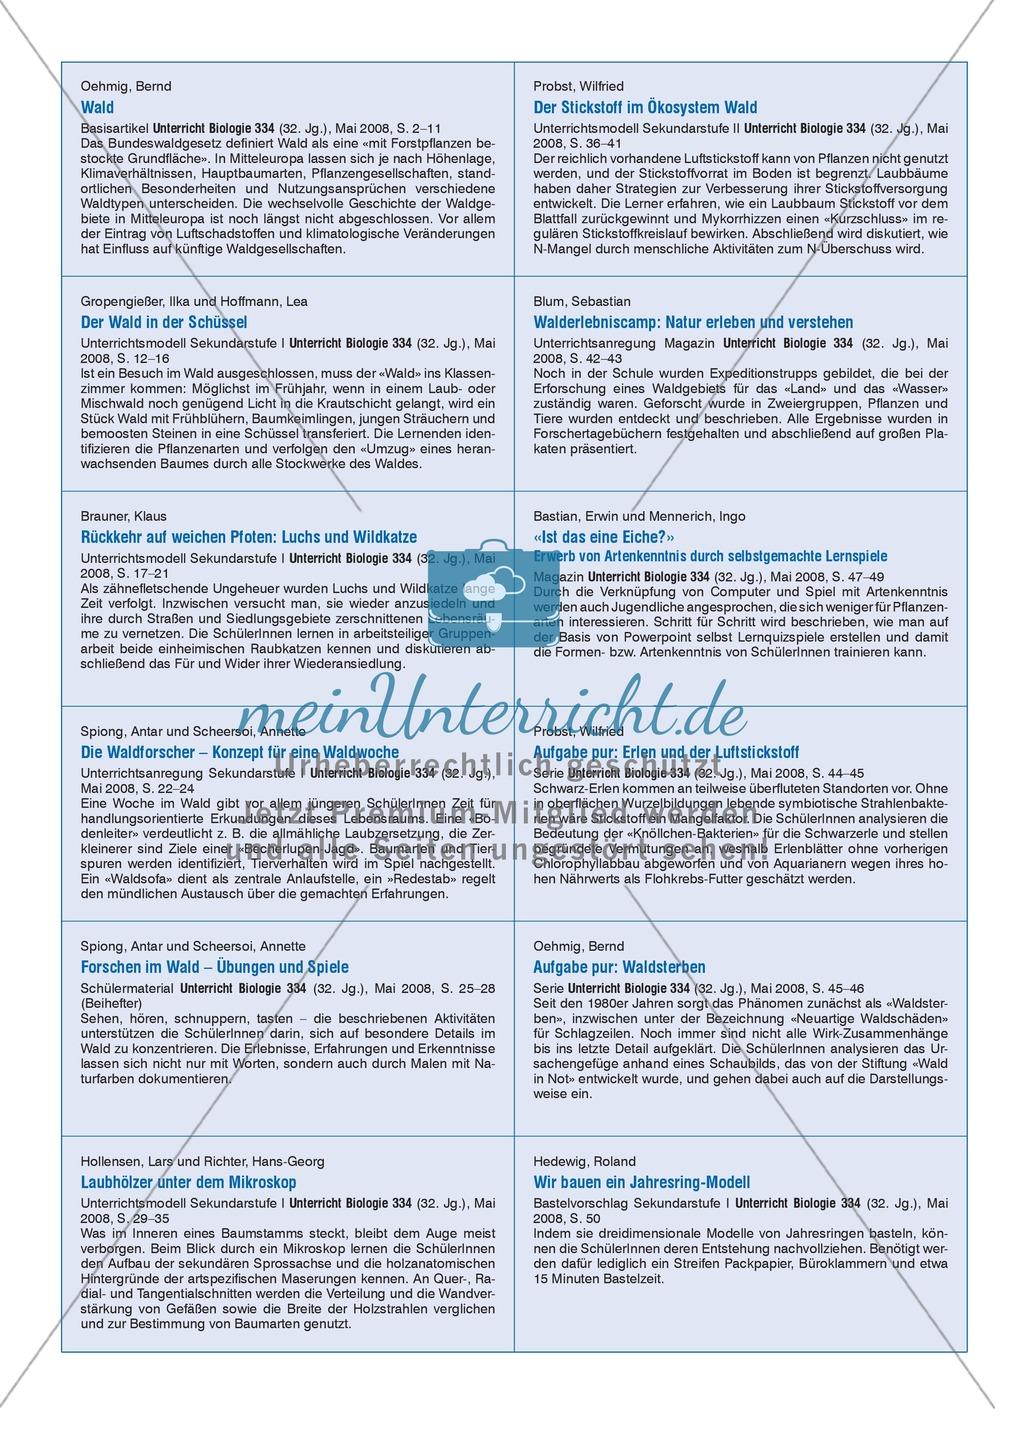 Der Stickstoff im Ökosystem Wald - Info-Text und Aufgaben Preview 6